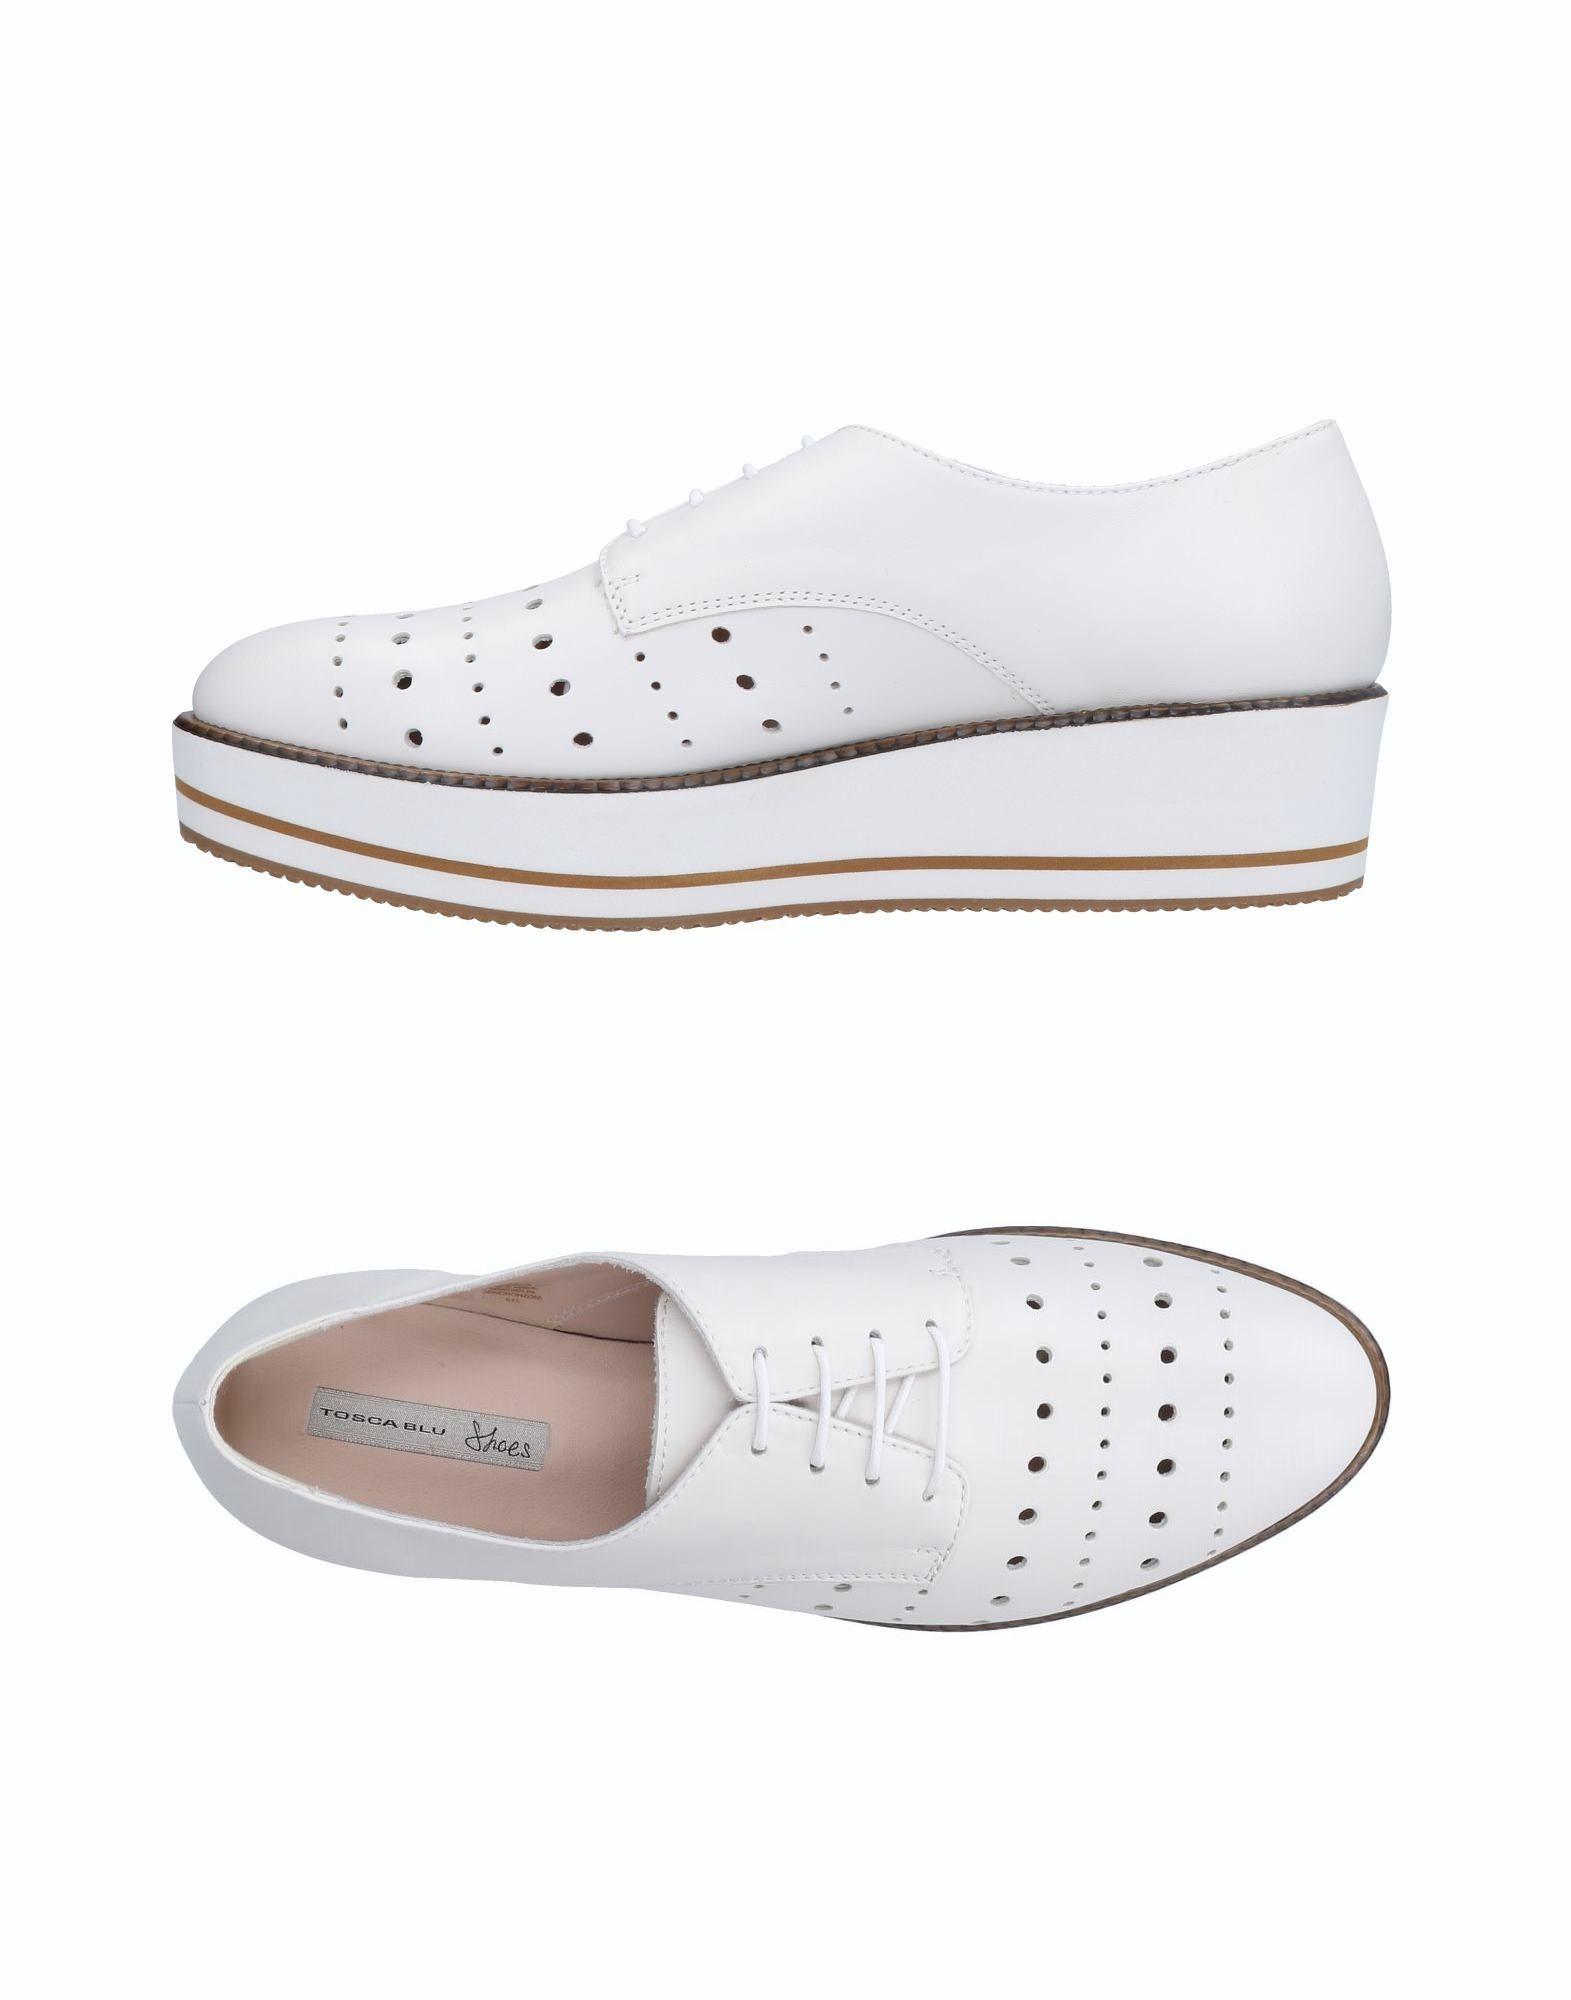 Venta de de Venta liquidación de temporada Zapato De Cordones Tosca Blu Shoes Mujer - Zapatos De Cordones Tosca Blu Shoes  Blanco b41a2d